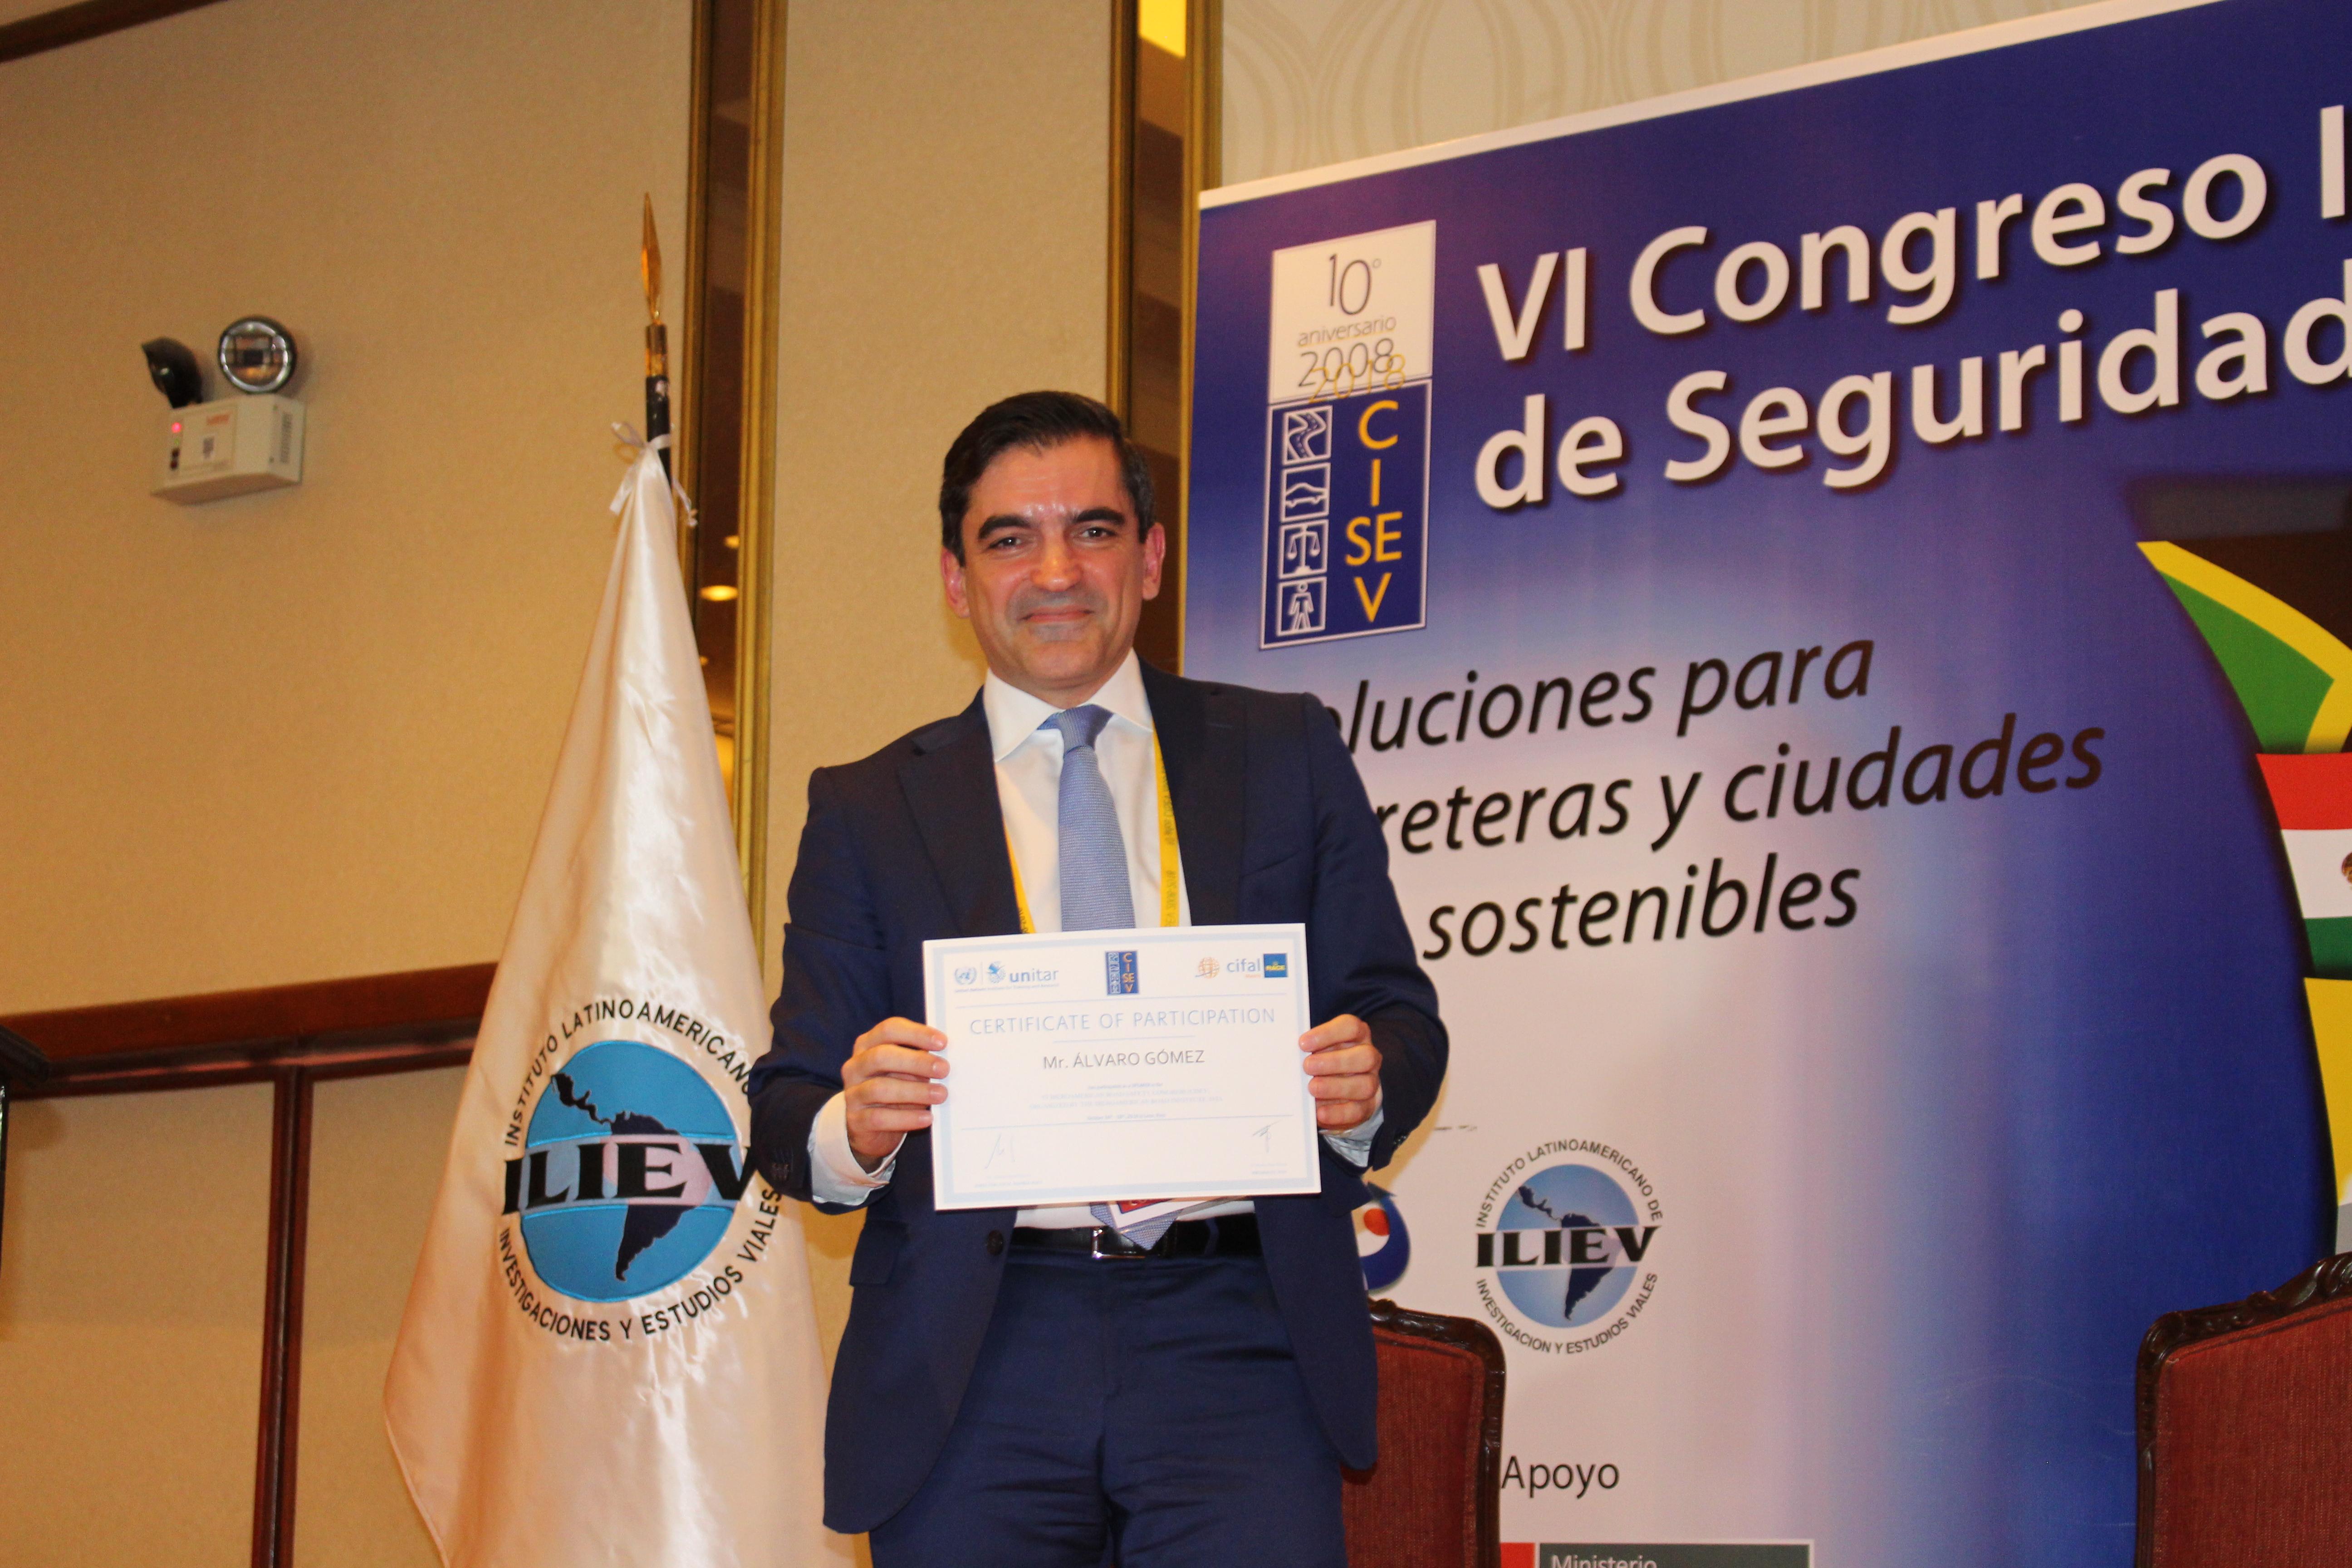 Alvaro Gomez - Diploma (1)